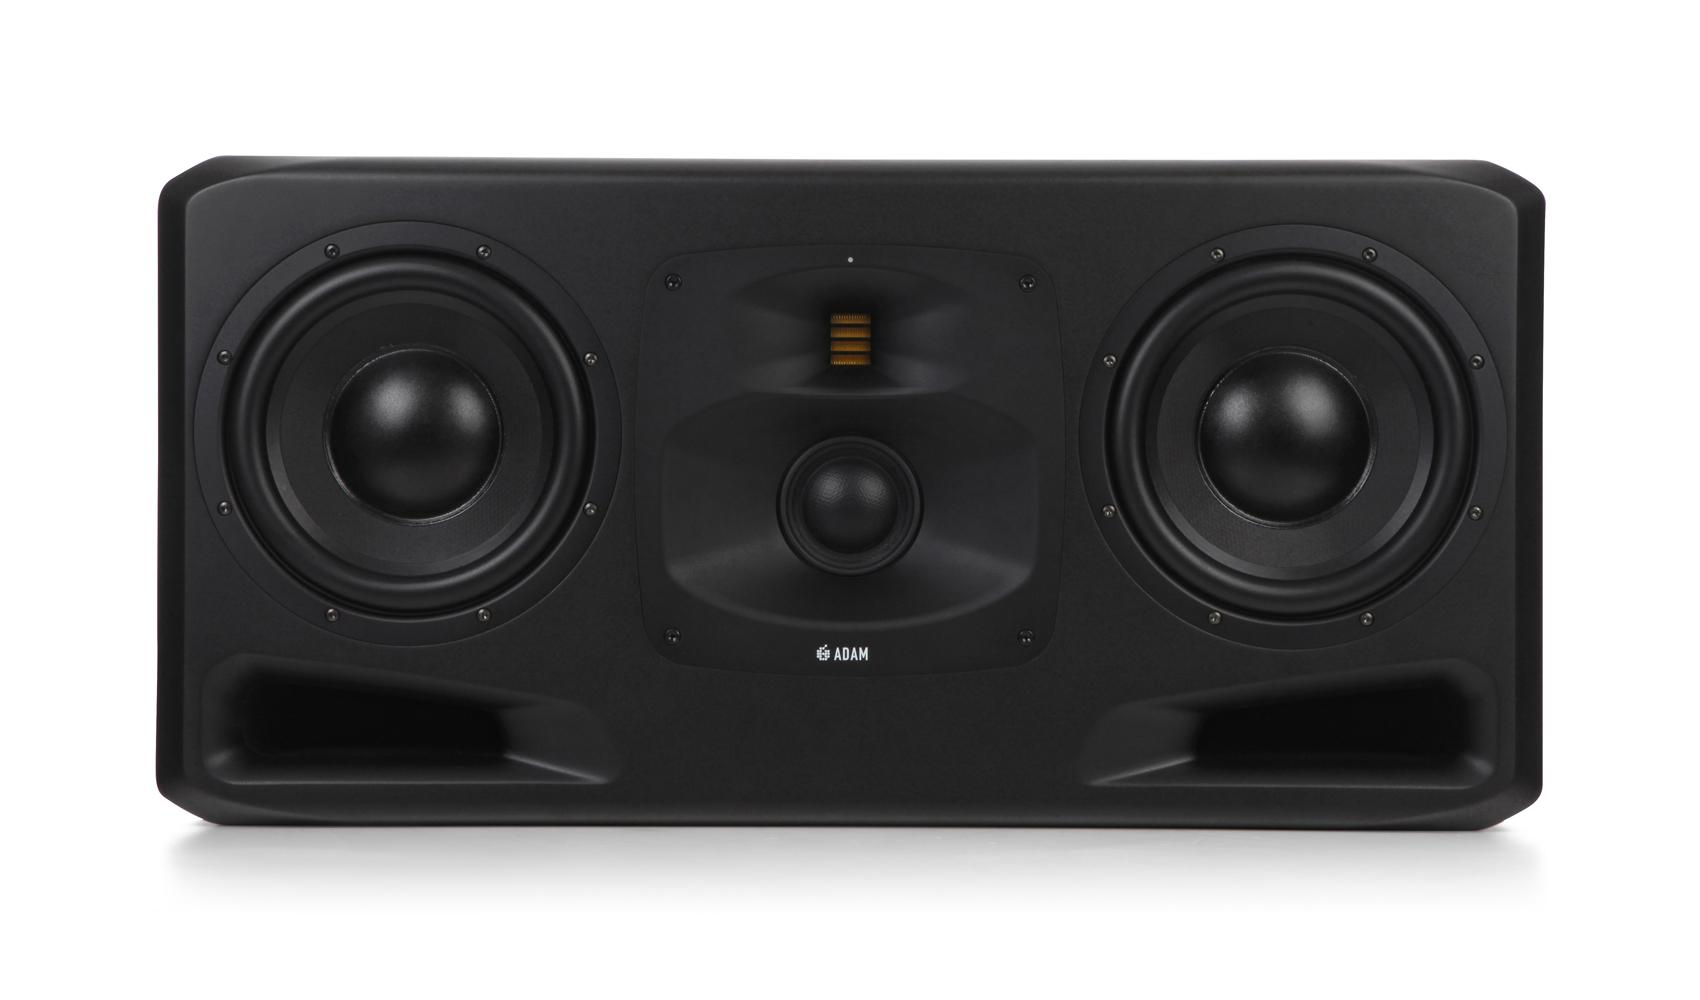 ADAMS5H双10寸大型录音棚有源监听音箱